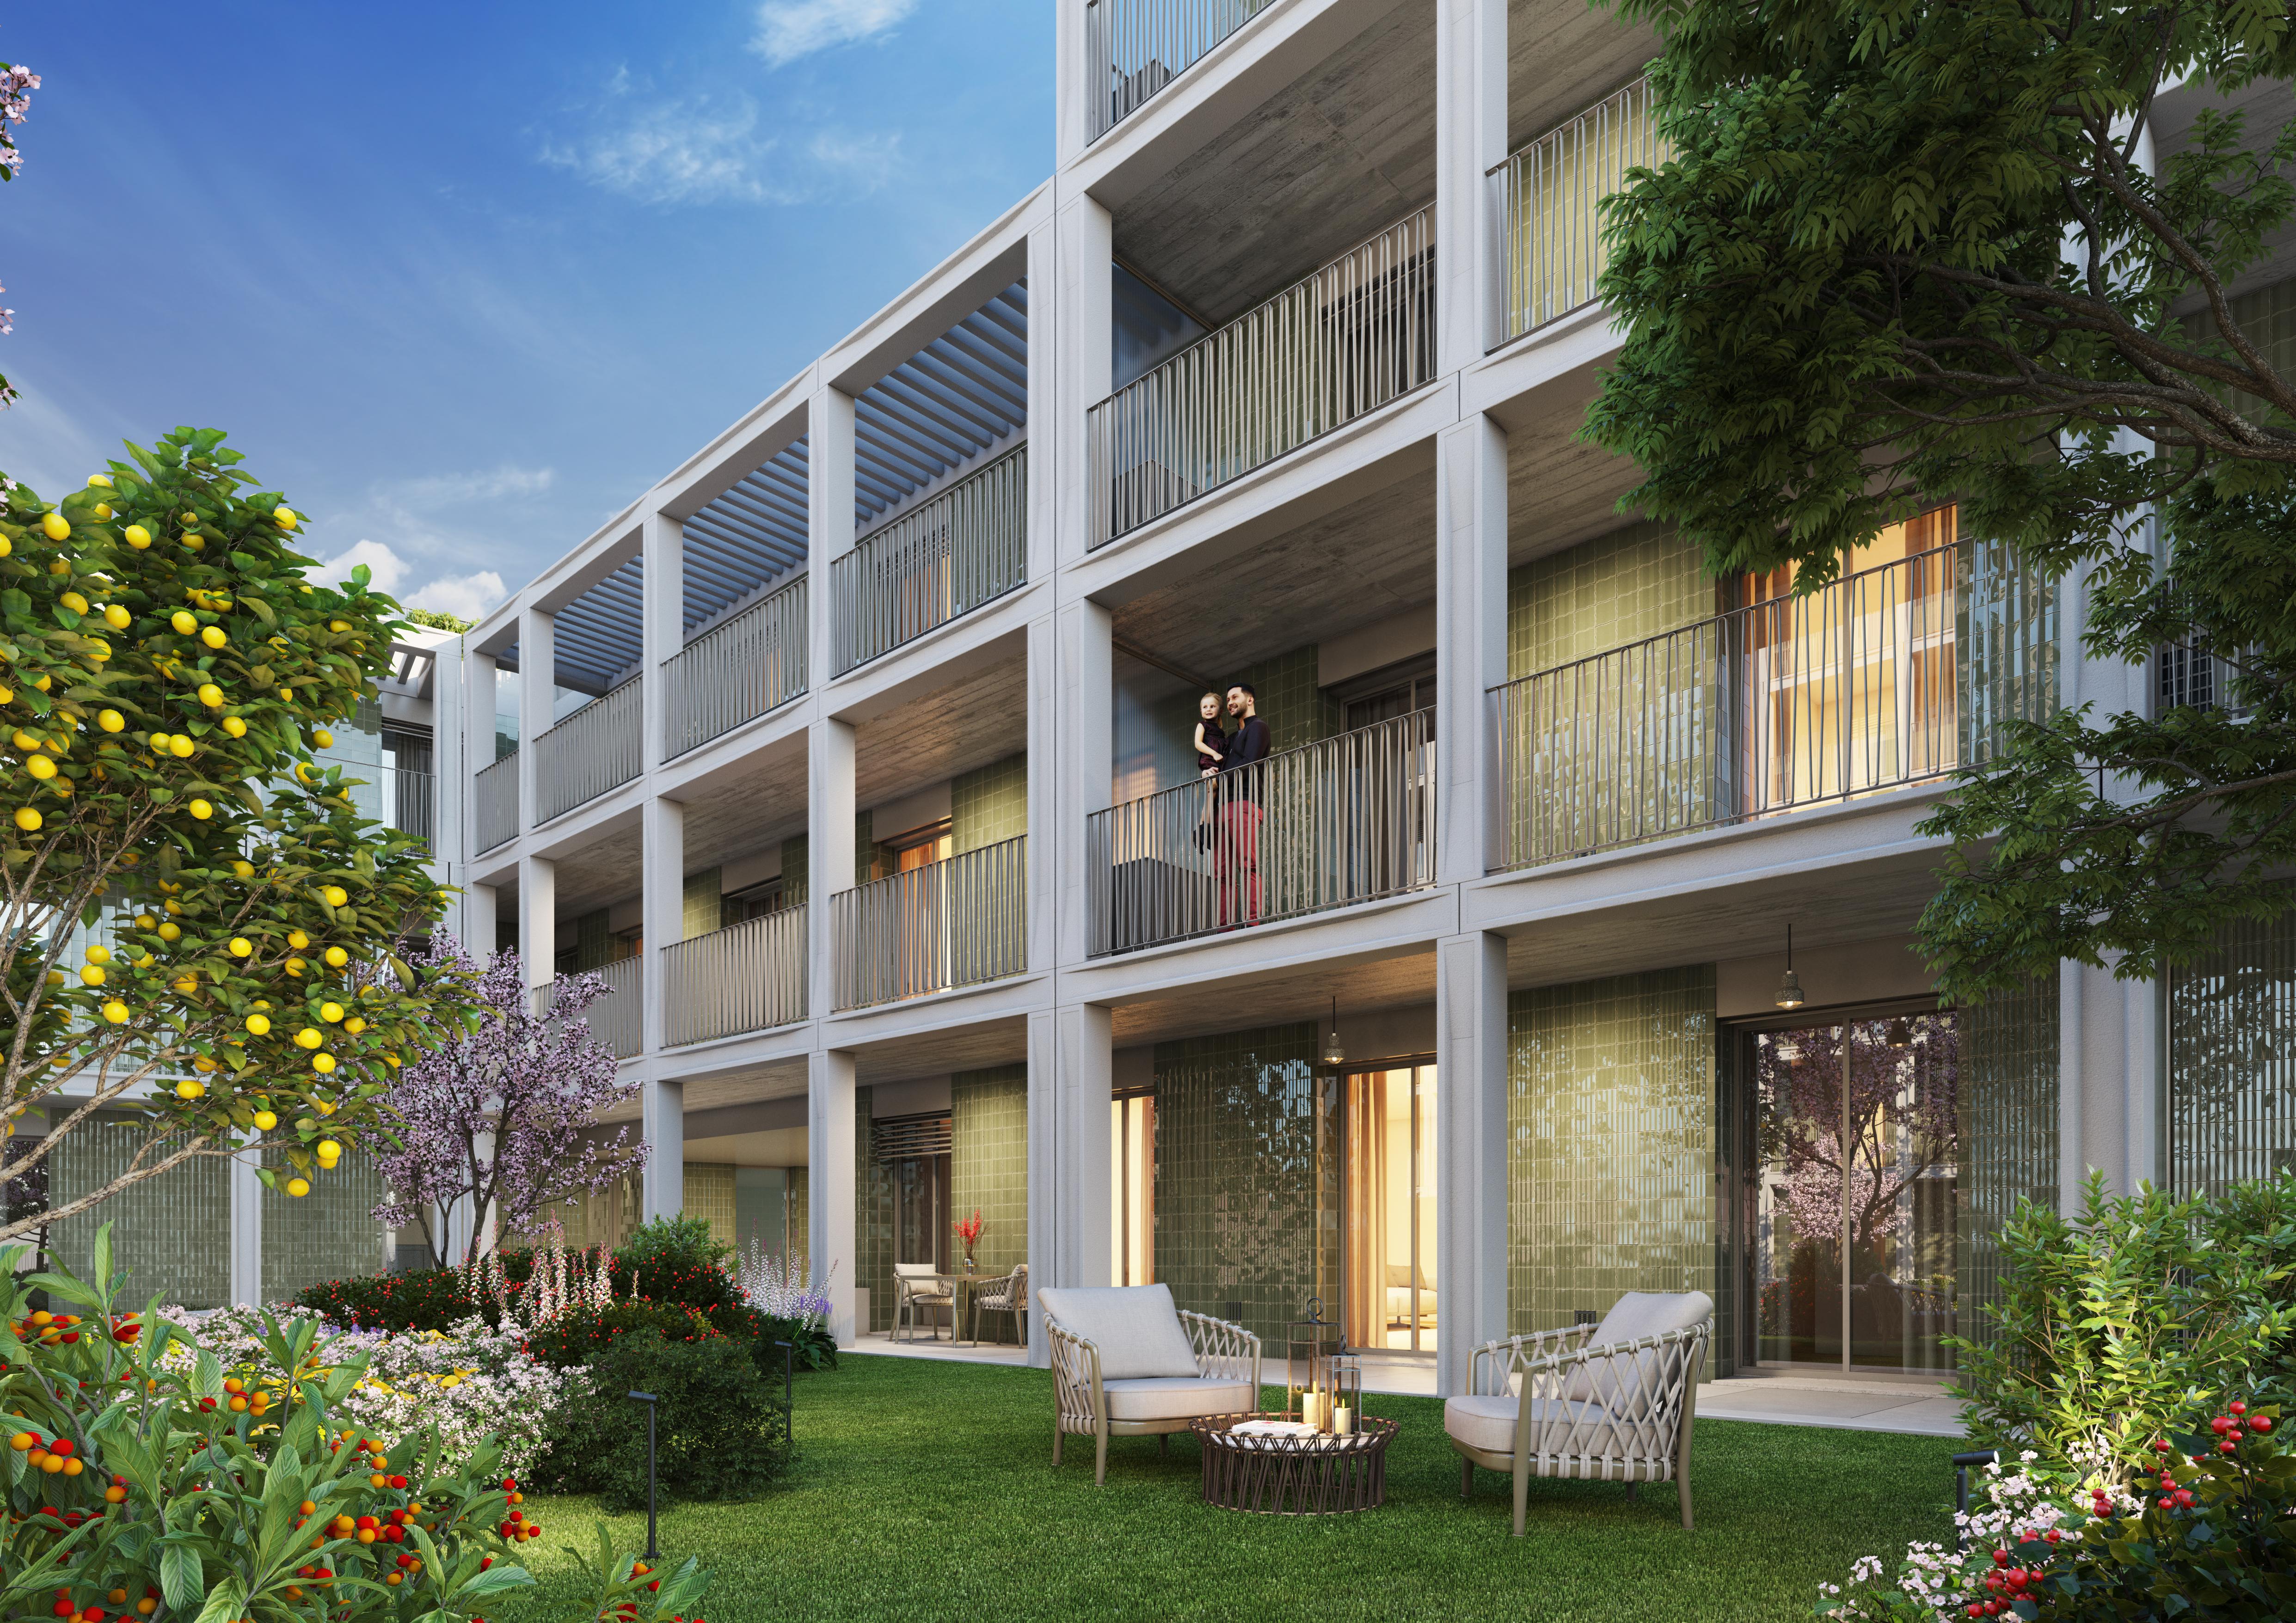 Os espaços exteriores e jardins são uma mais-valia / Nexity